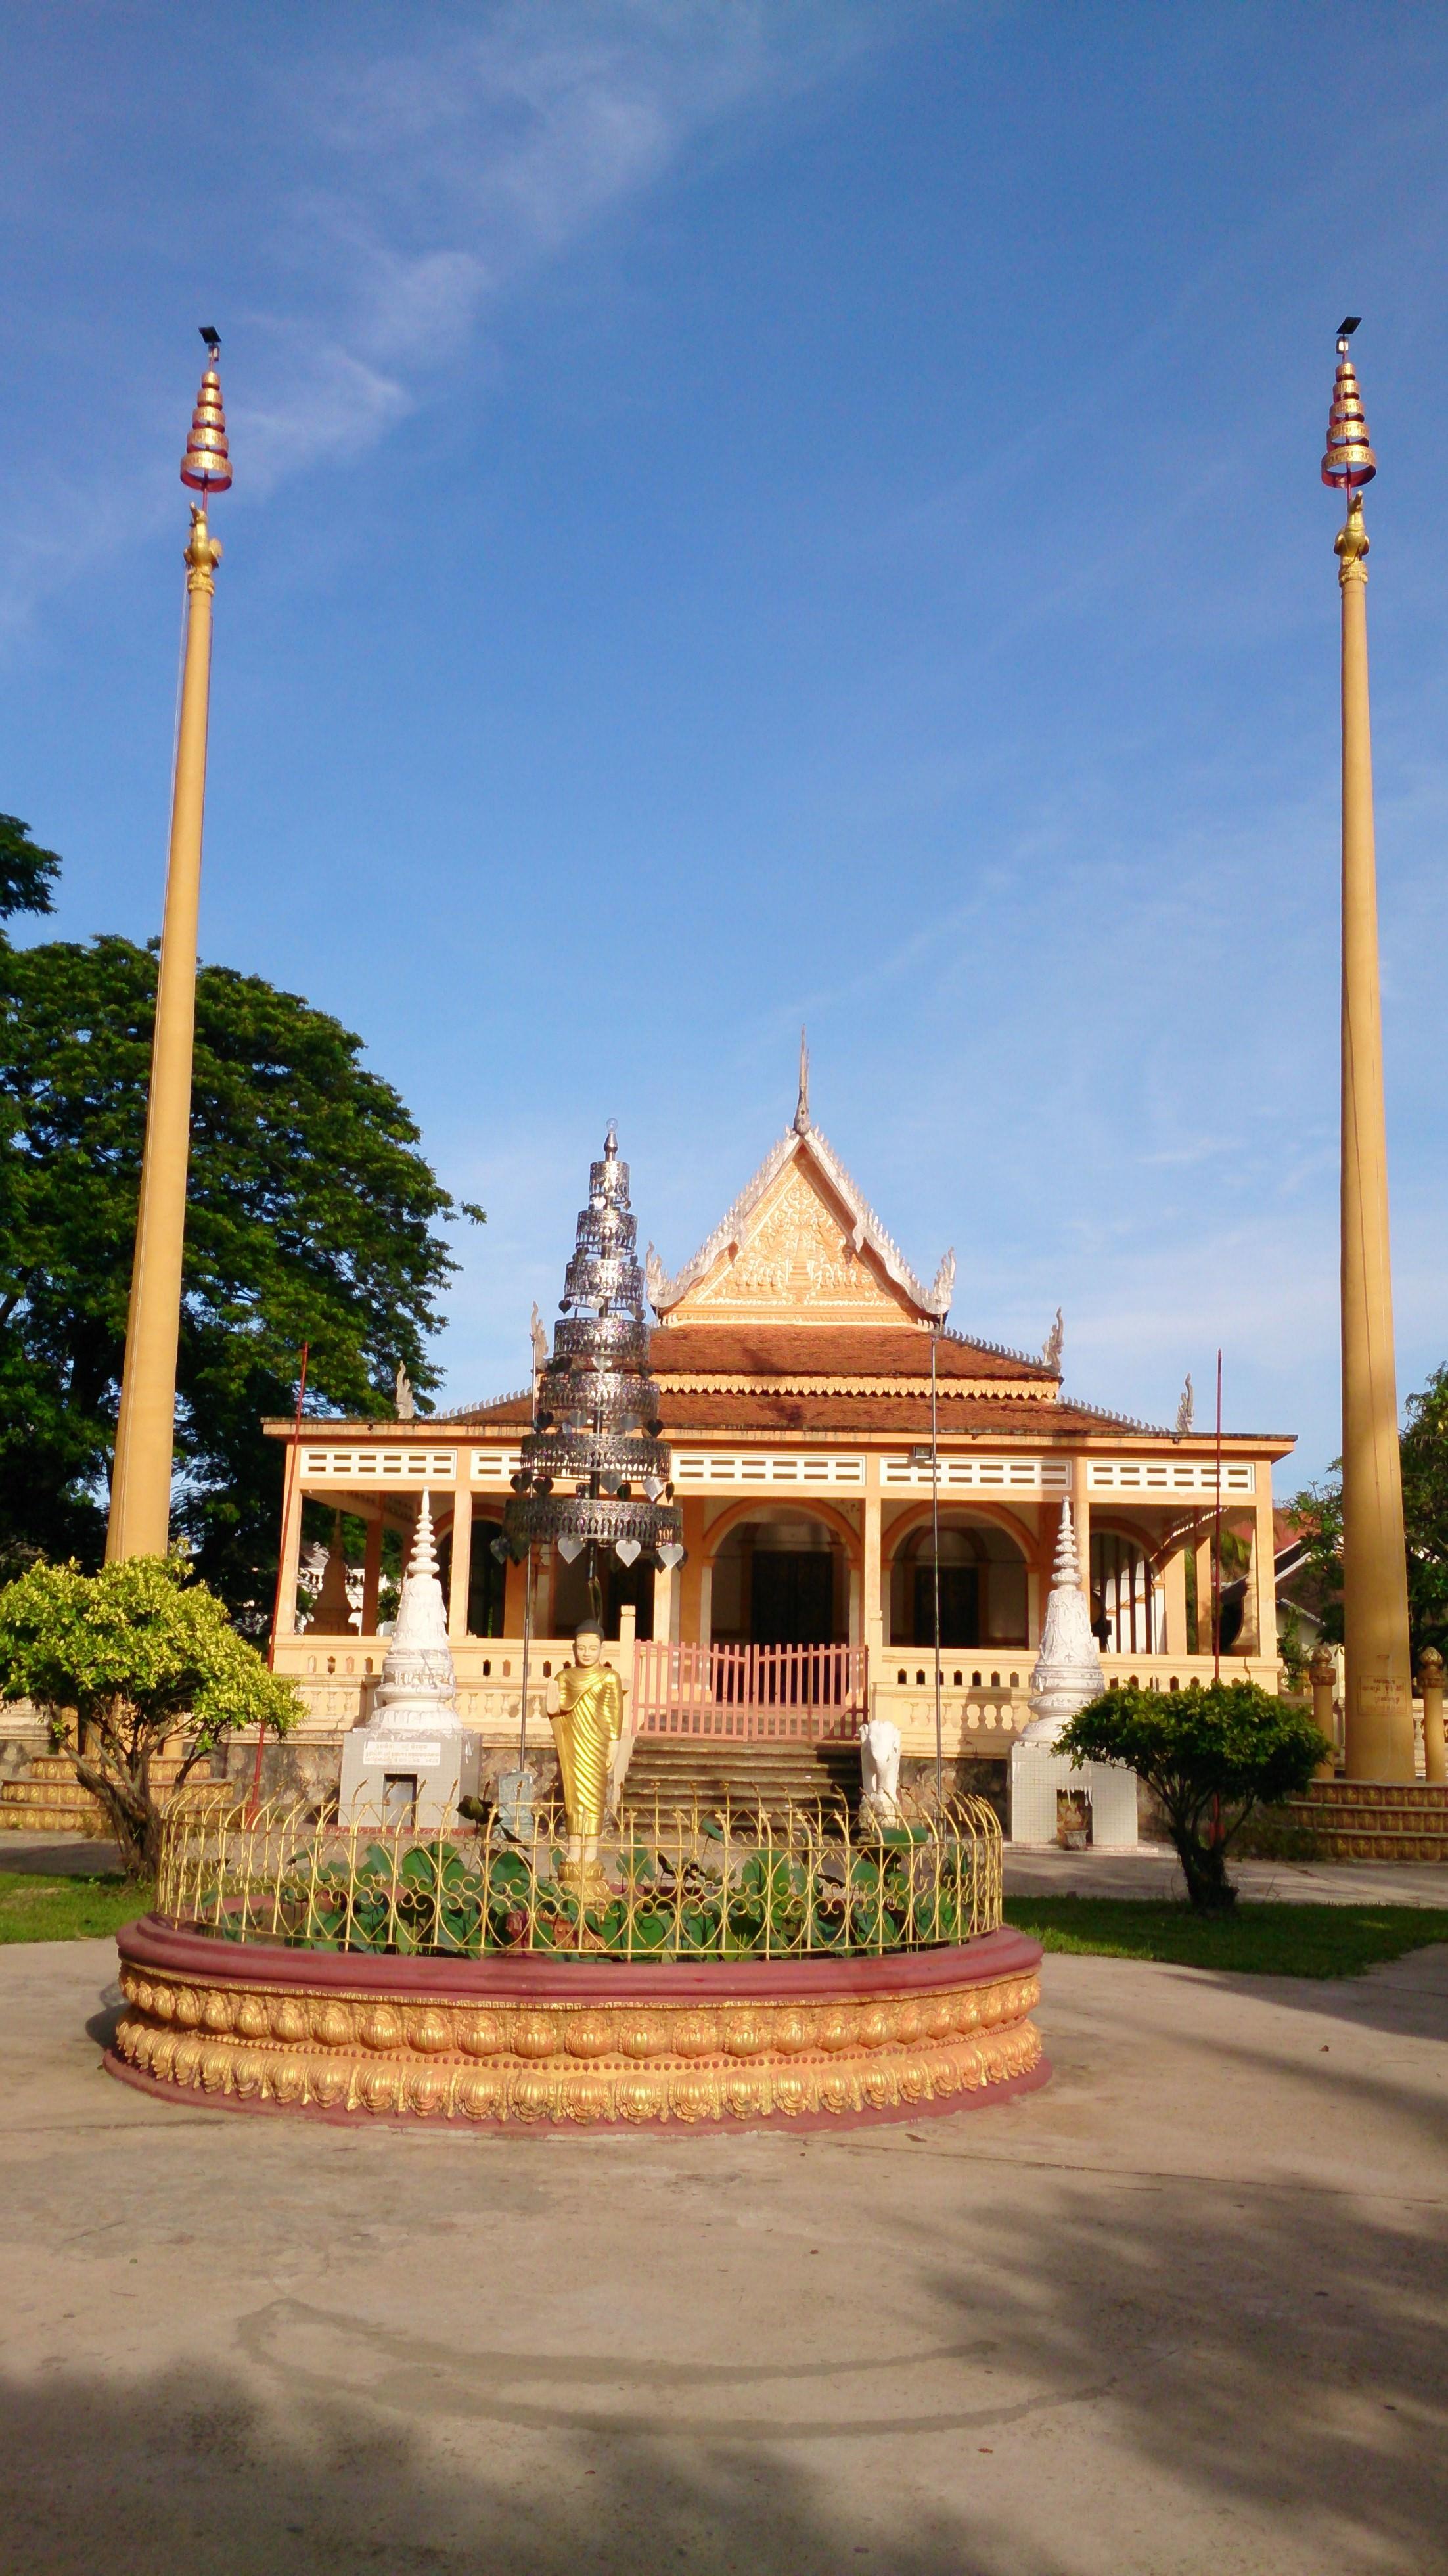 レンタサイクル観光で見るカンボジアの宗教観